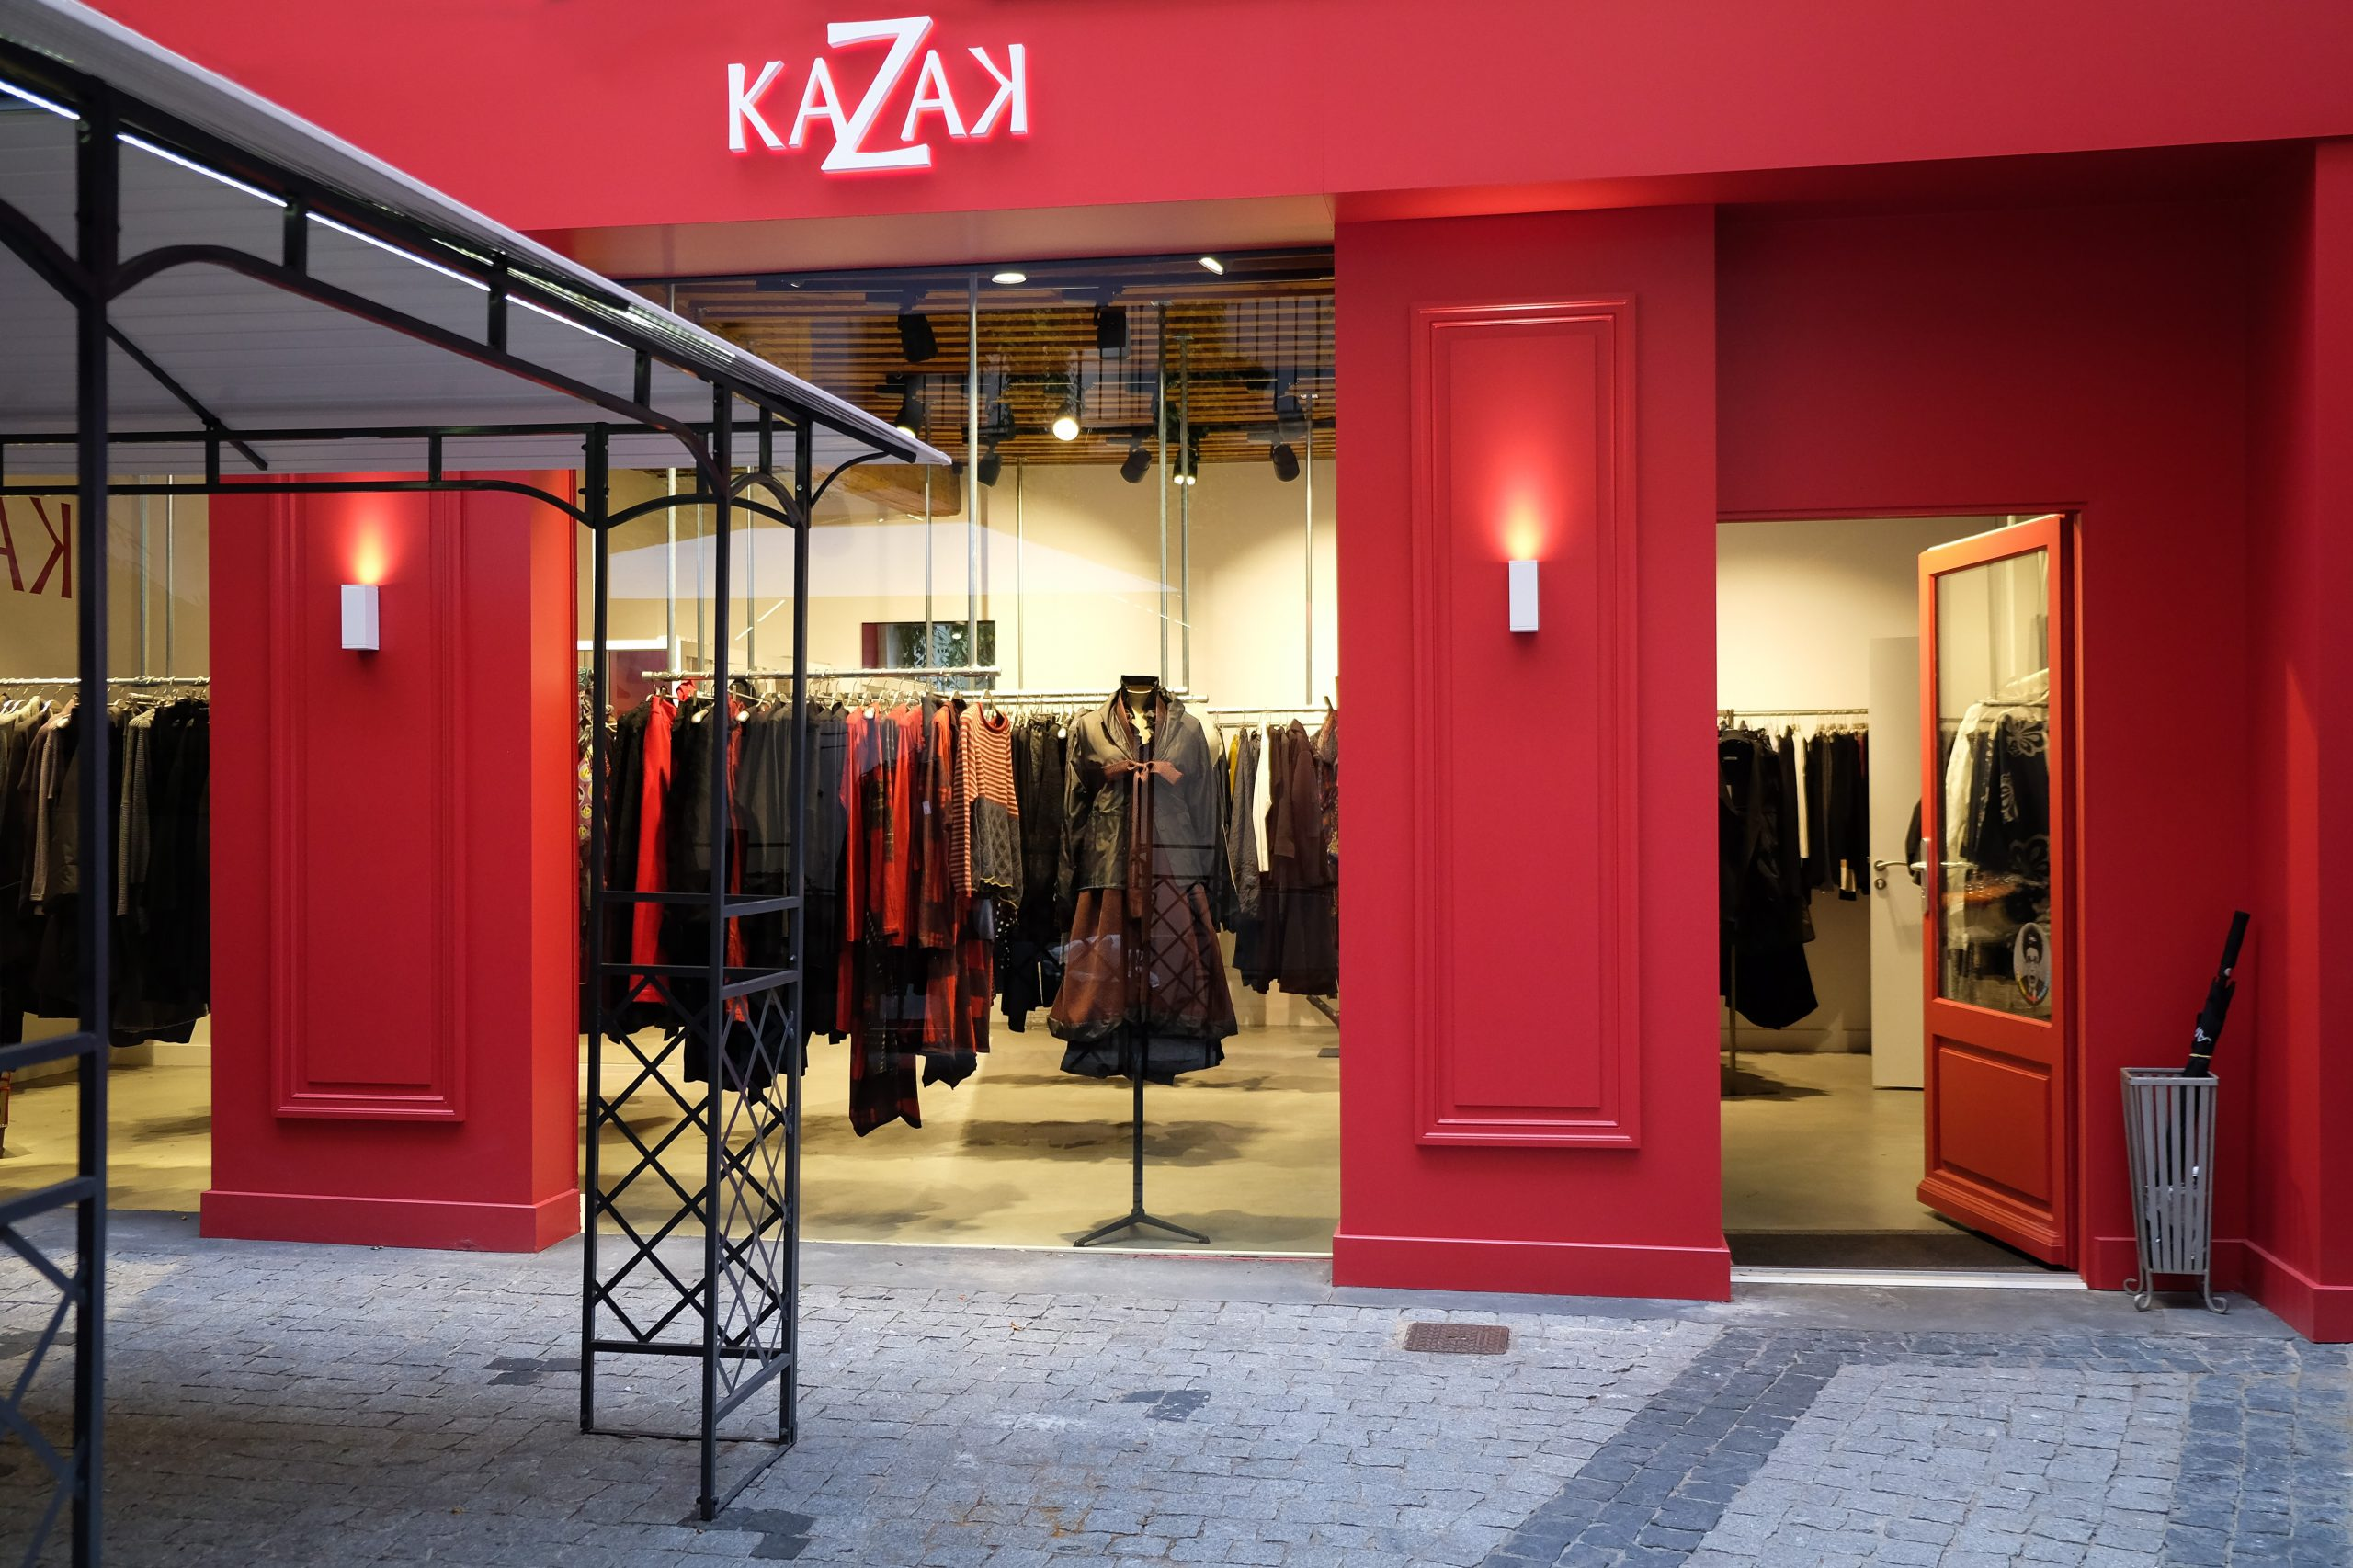 Cour Kazak